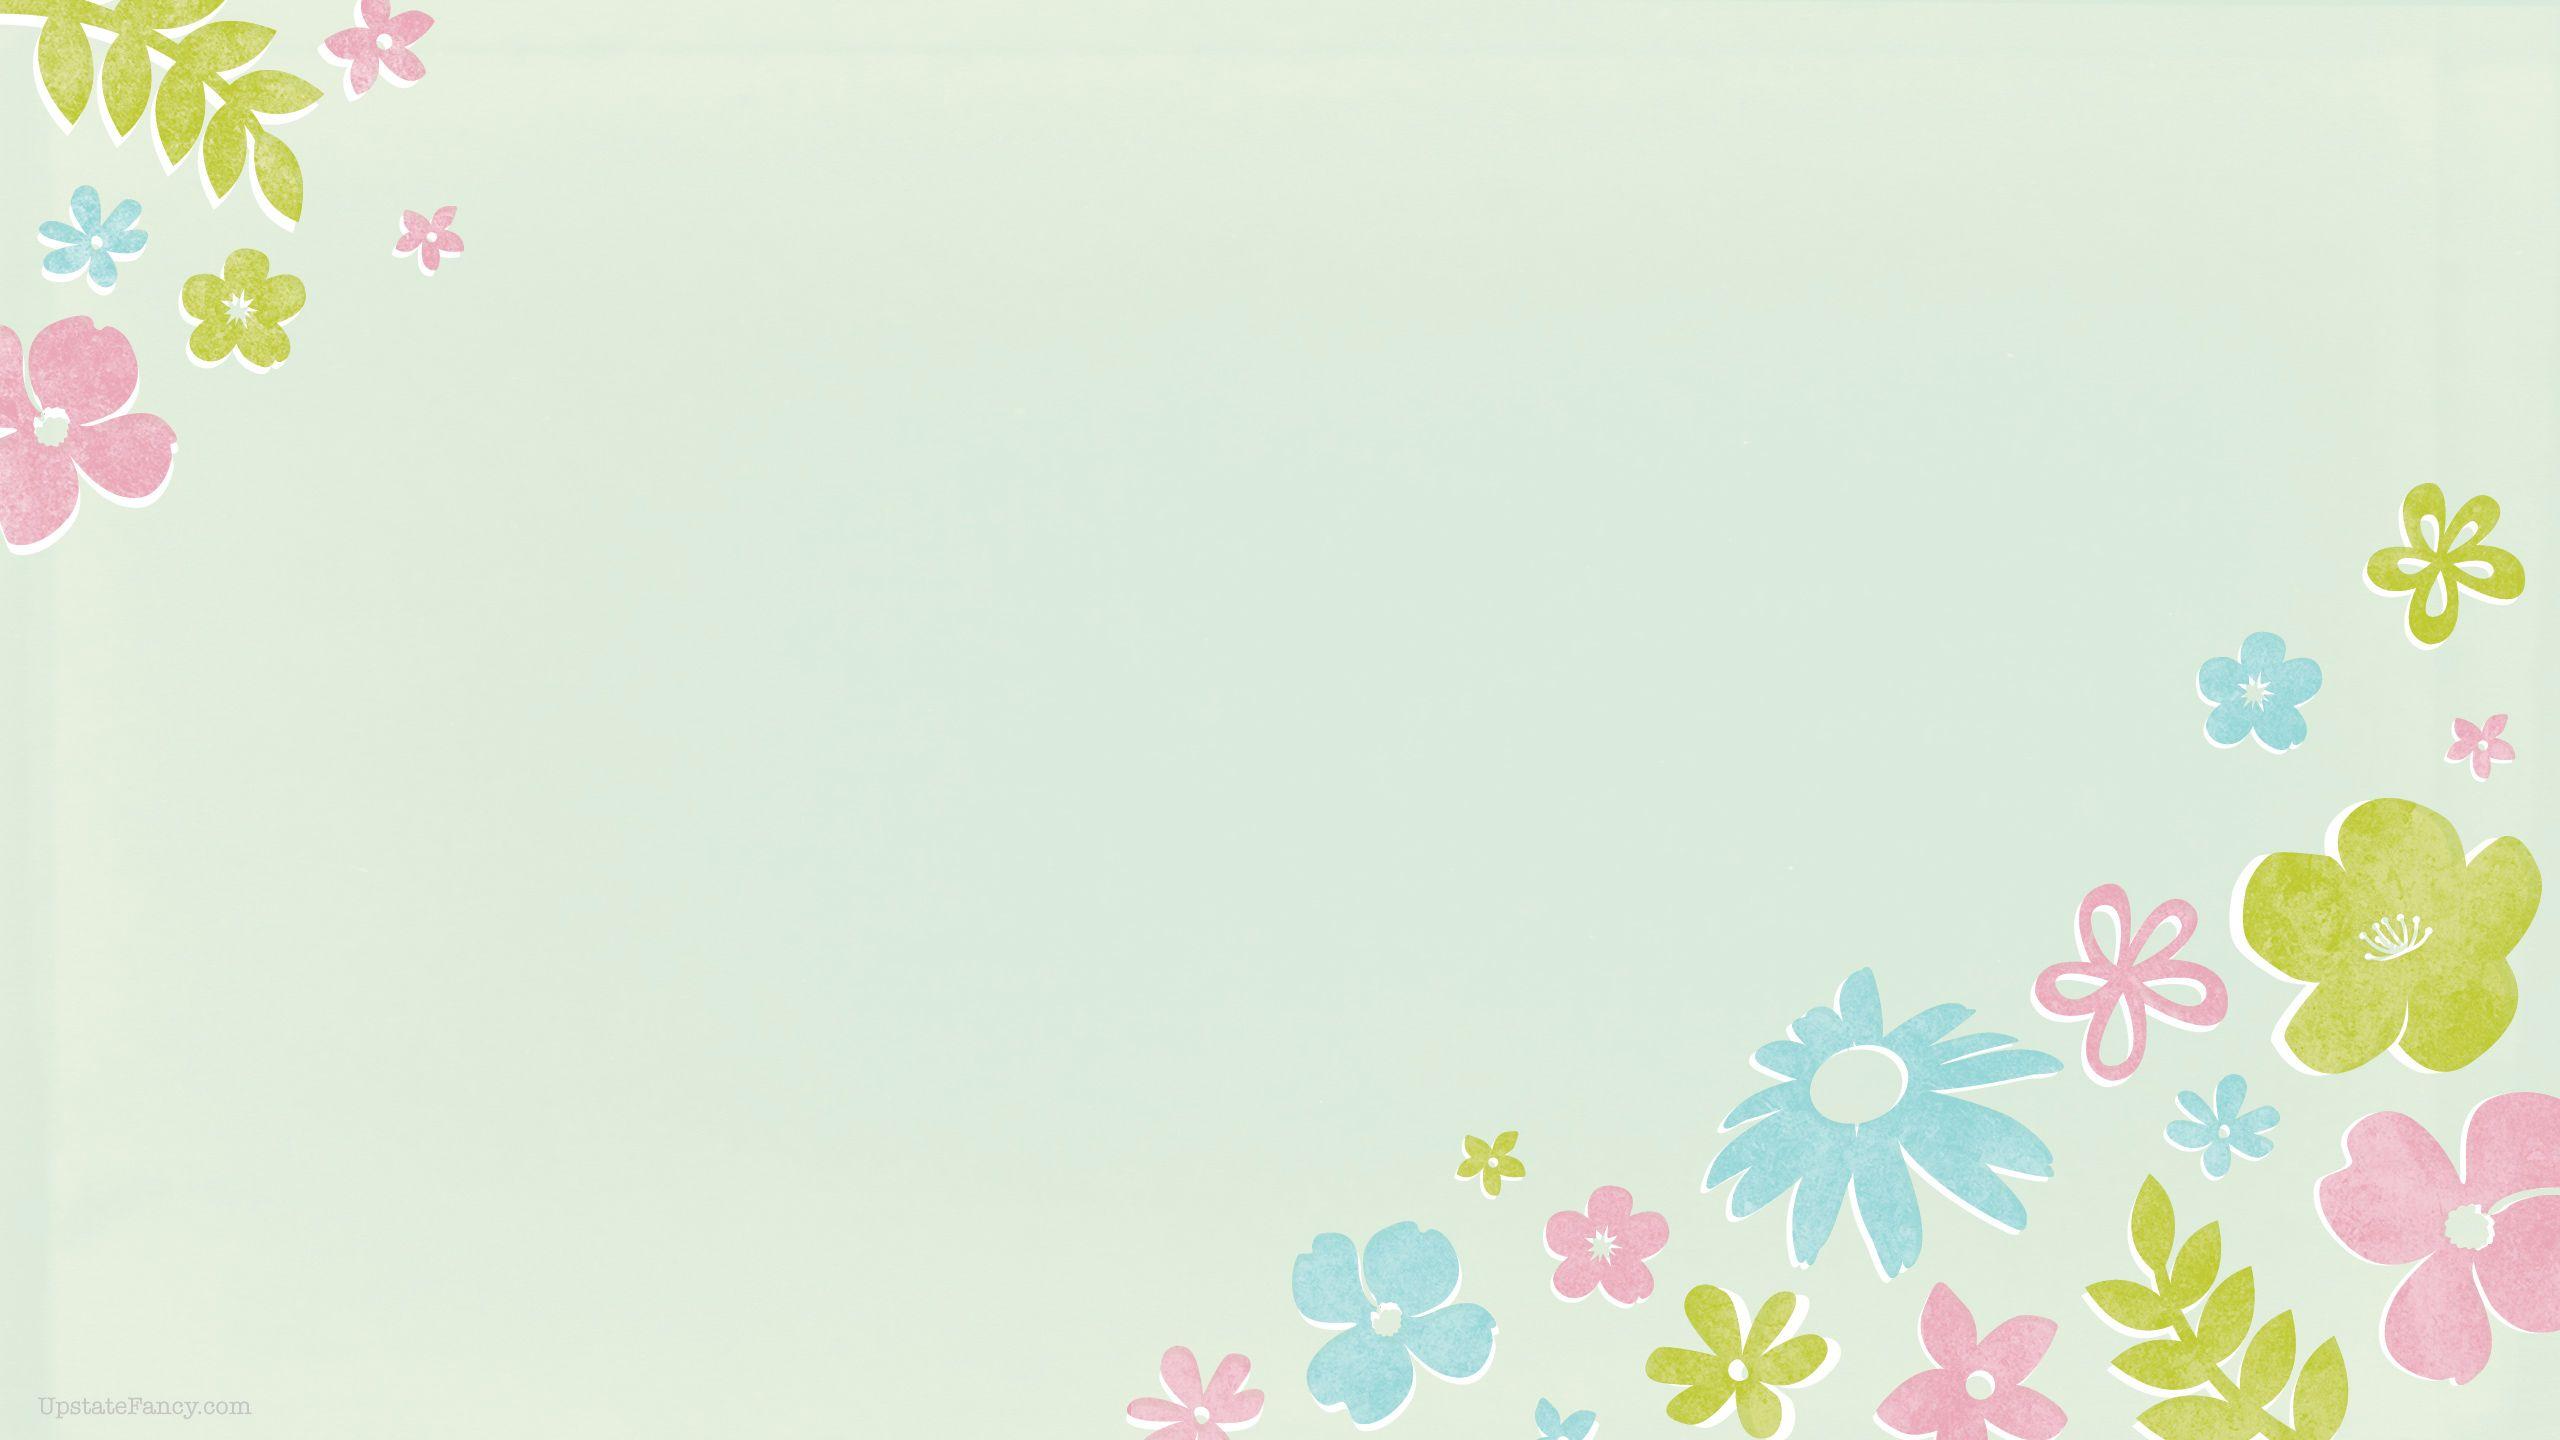 May Flowers Desktop Wallpaper Upstate Fancy Spring Desktop Wallpaper Desktop Wallpaper 1920x1080 Free Desktop Wallpaper